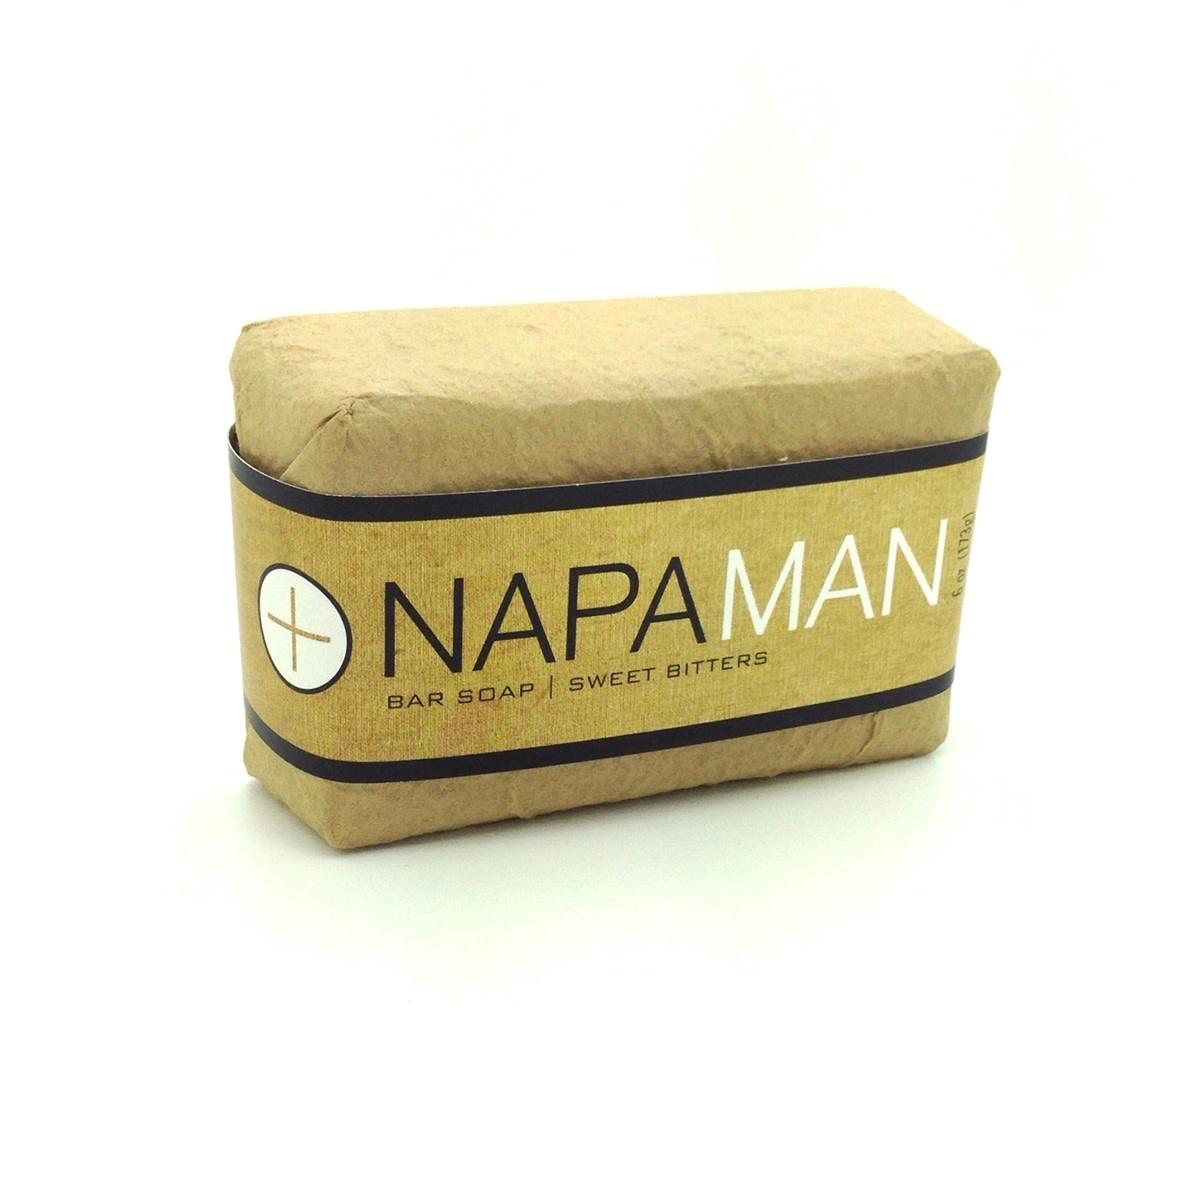 Napa Soap Company Napa Man Bar Soap - Sweet Bitters